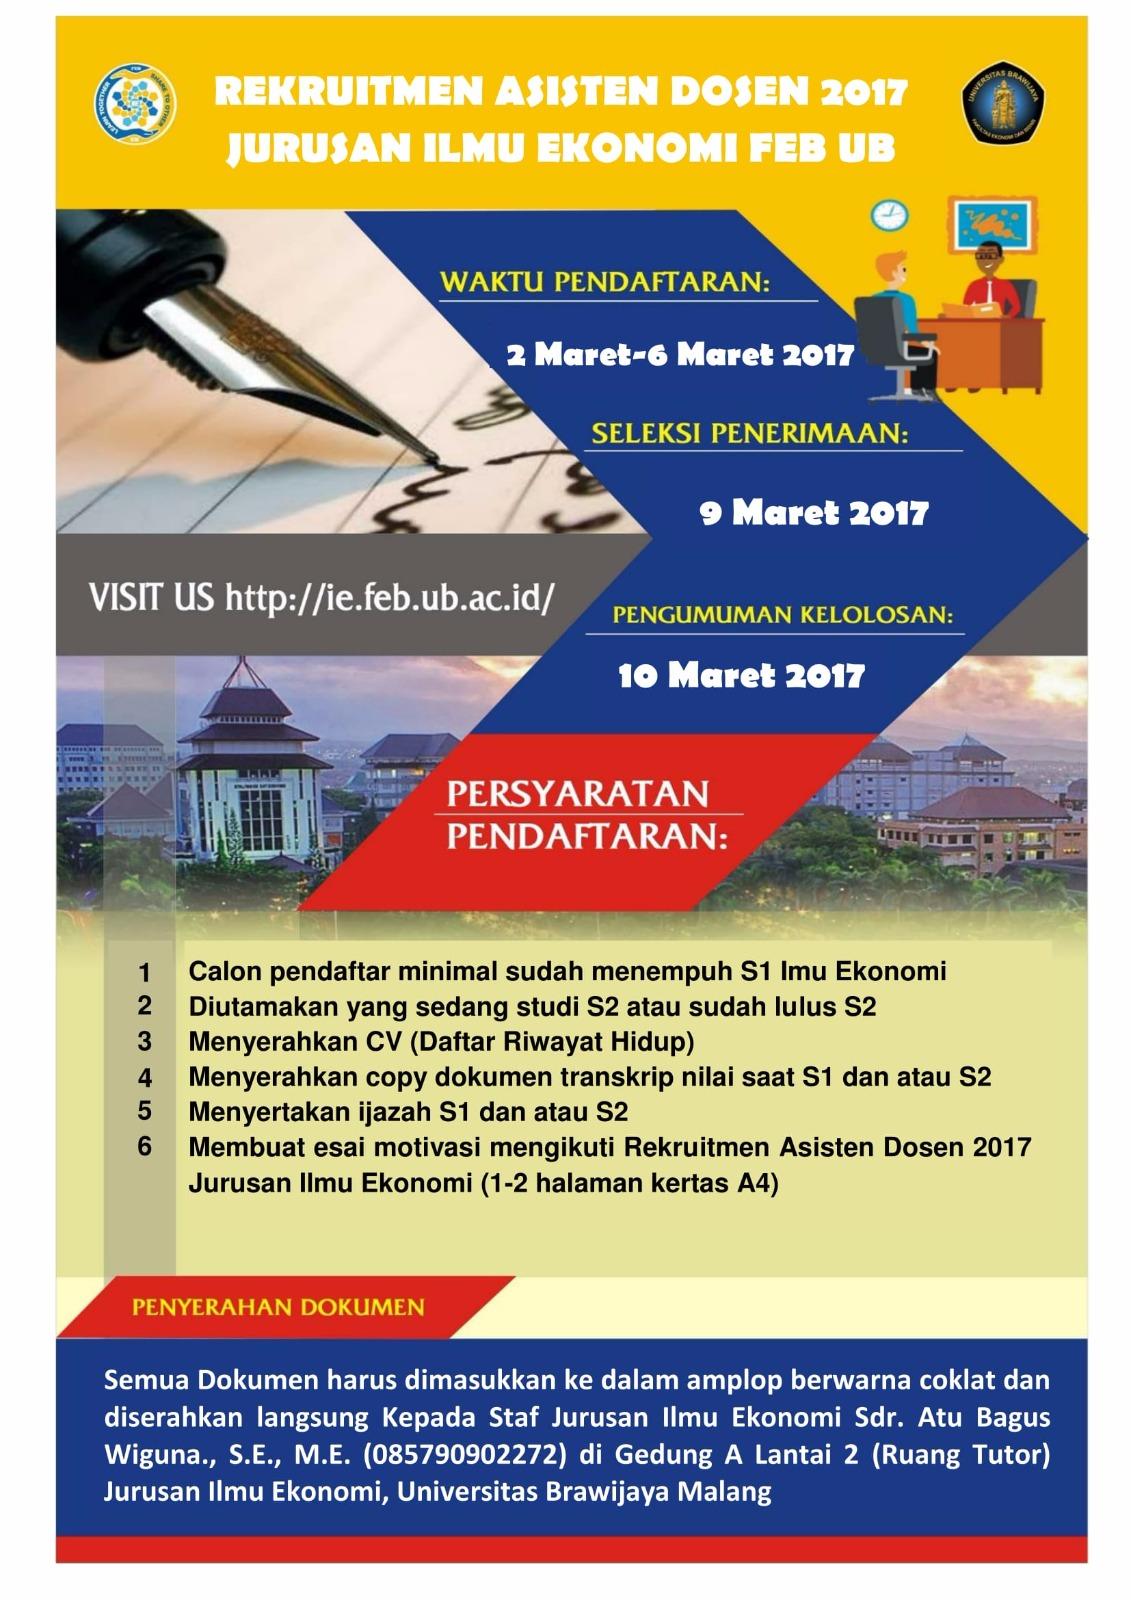 Recruitment Asistan Dosen 2017 Jurusan Ilmu Ekonomi